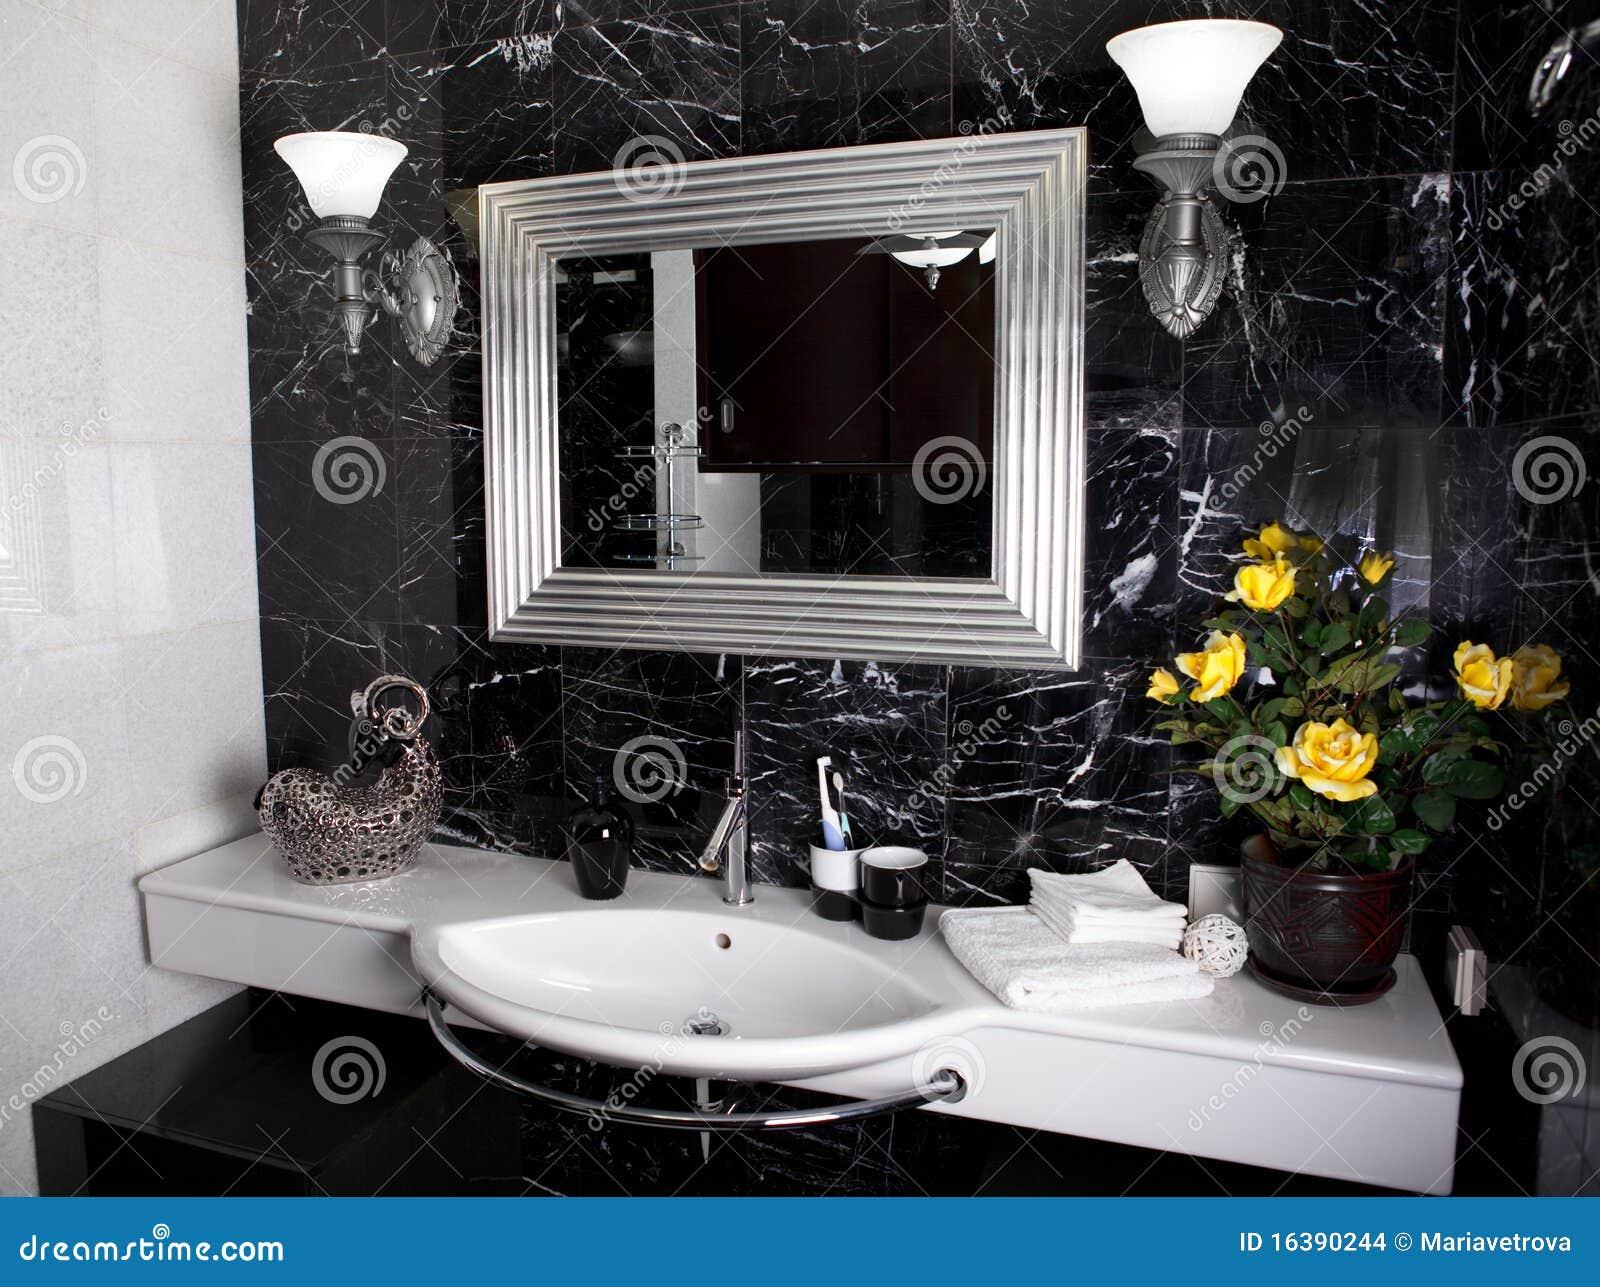 Imagens de Stock: Banheiro preto e branco #B69B15 1300 1063